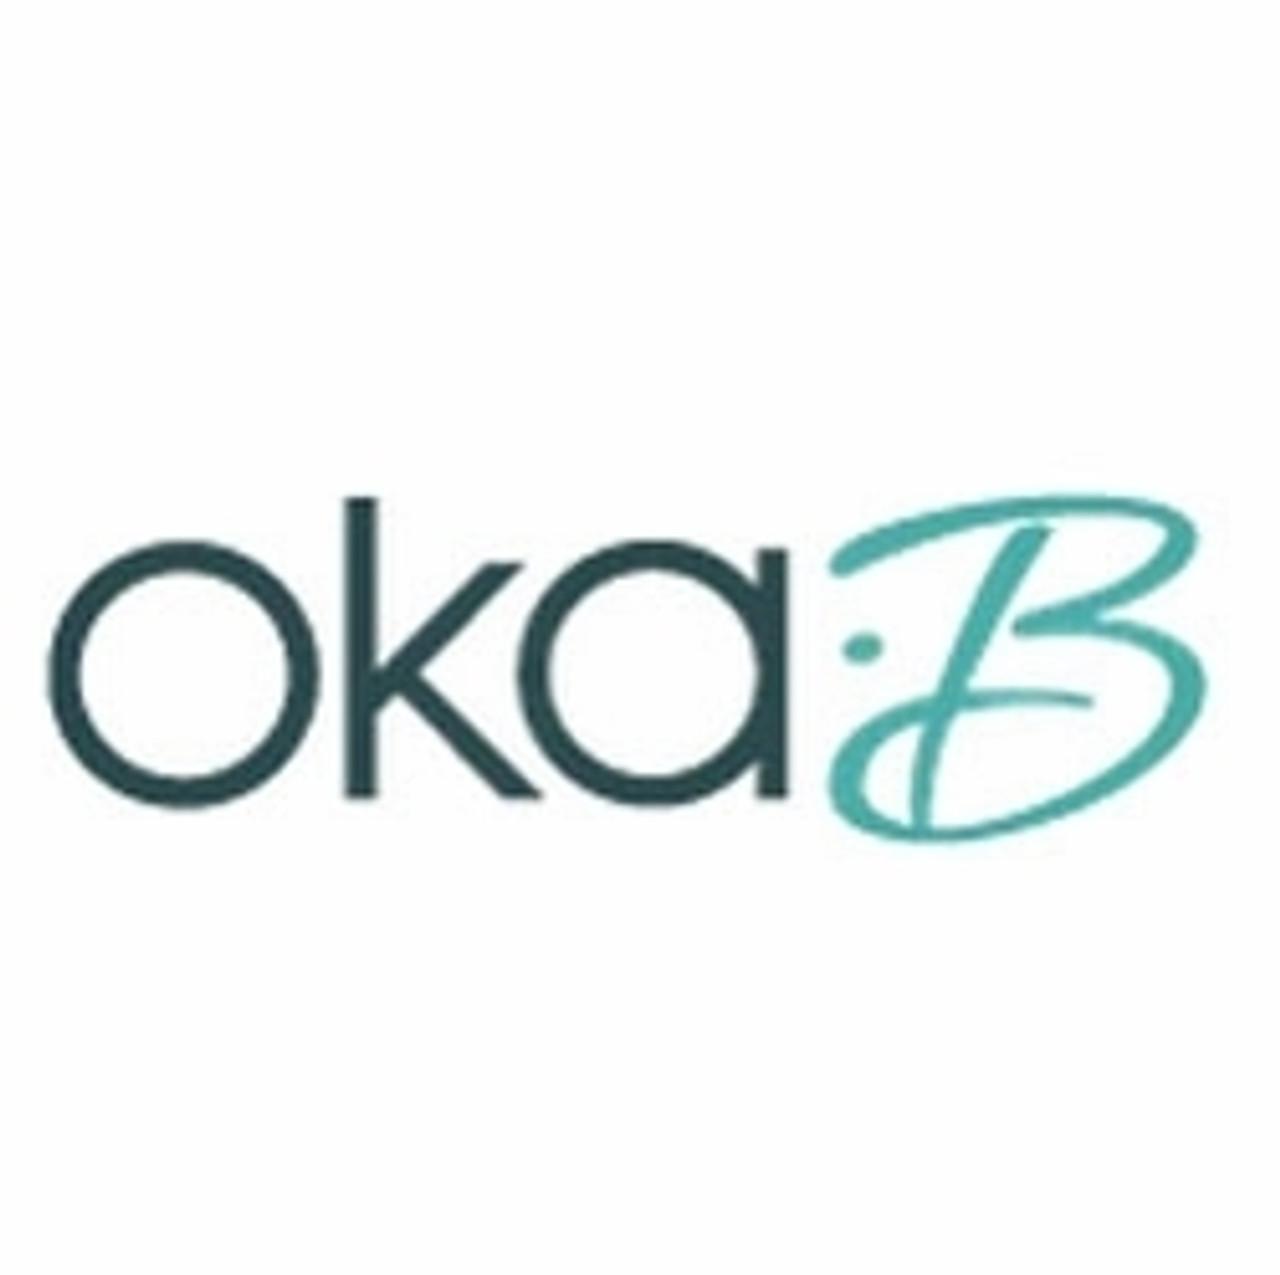 Oka-B Shoes